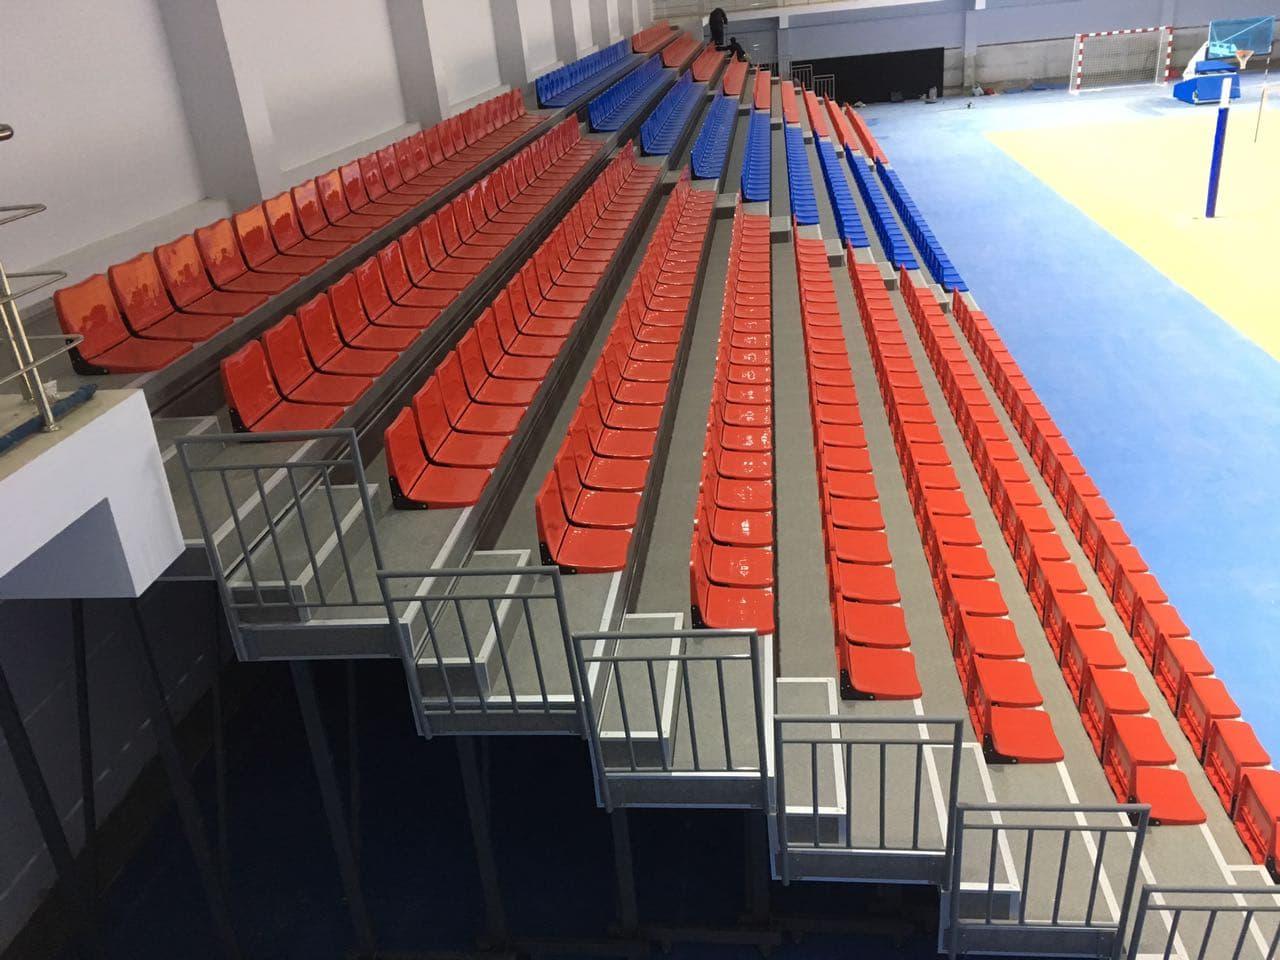 İzmir Katip Çelebi Üniversitesi Çiğli Kampüsü Kapalı Spor Salonu / İzmir